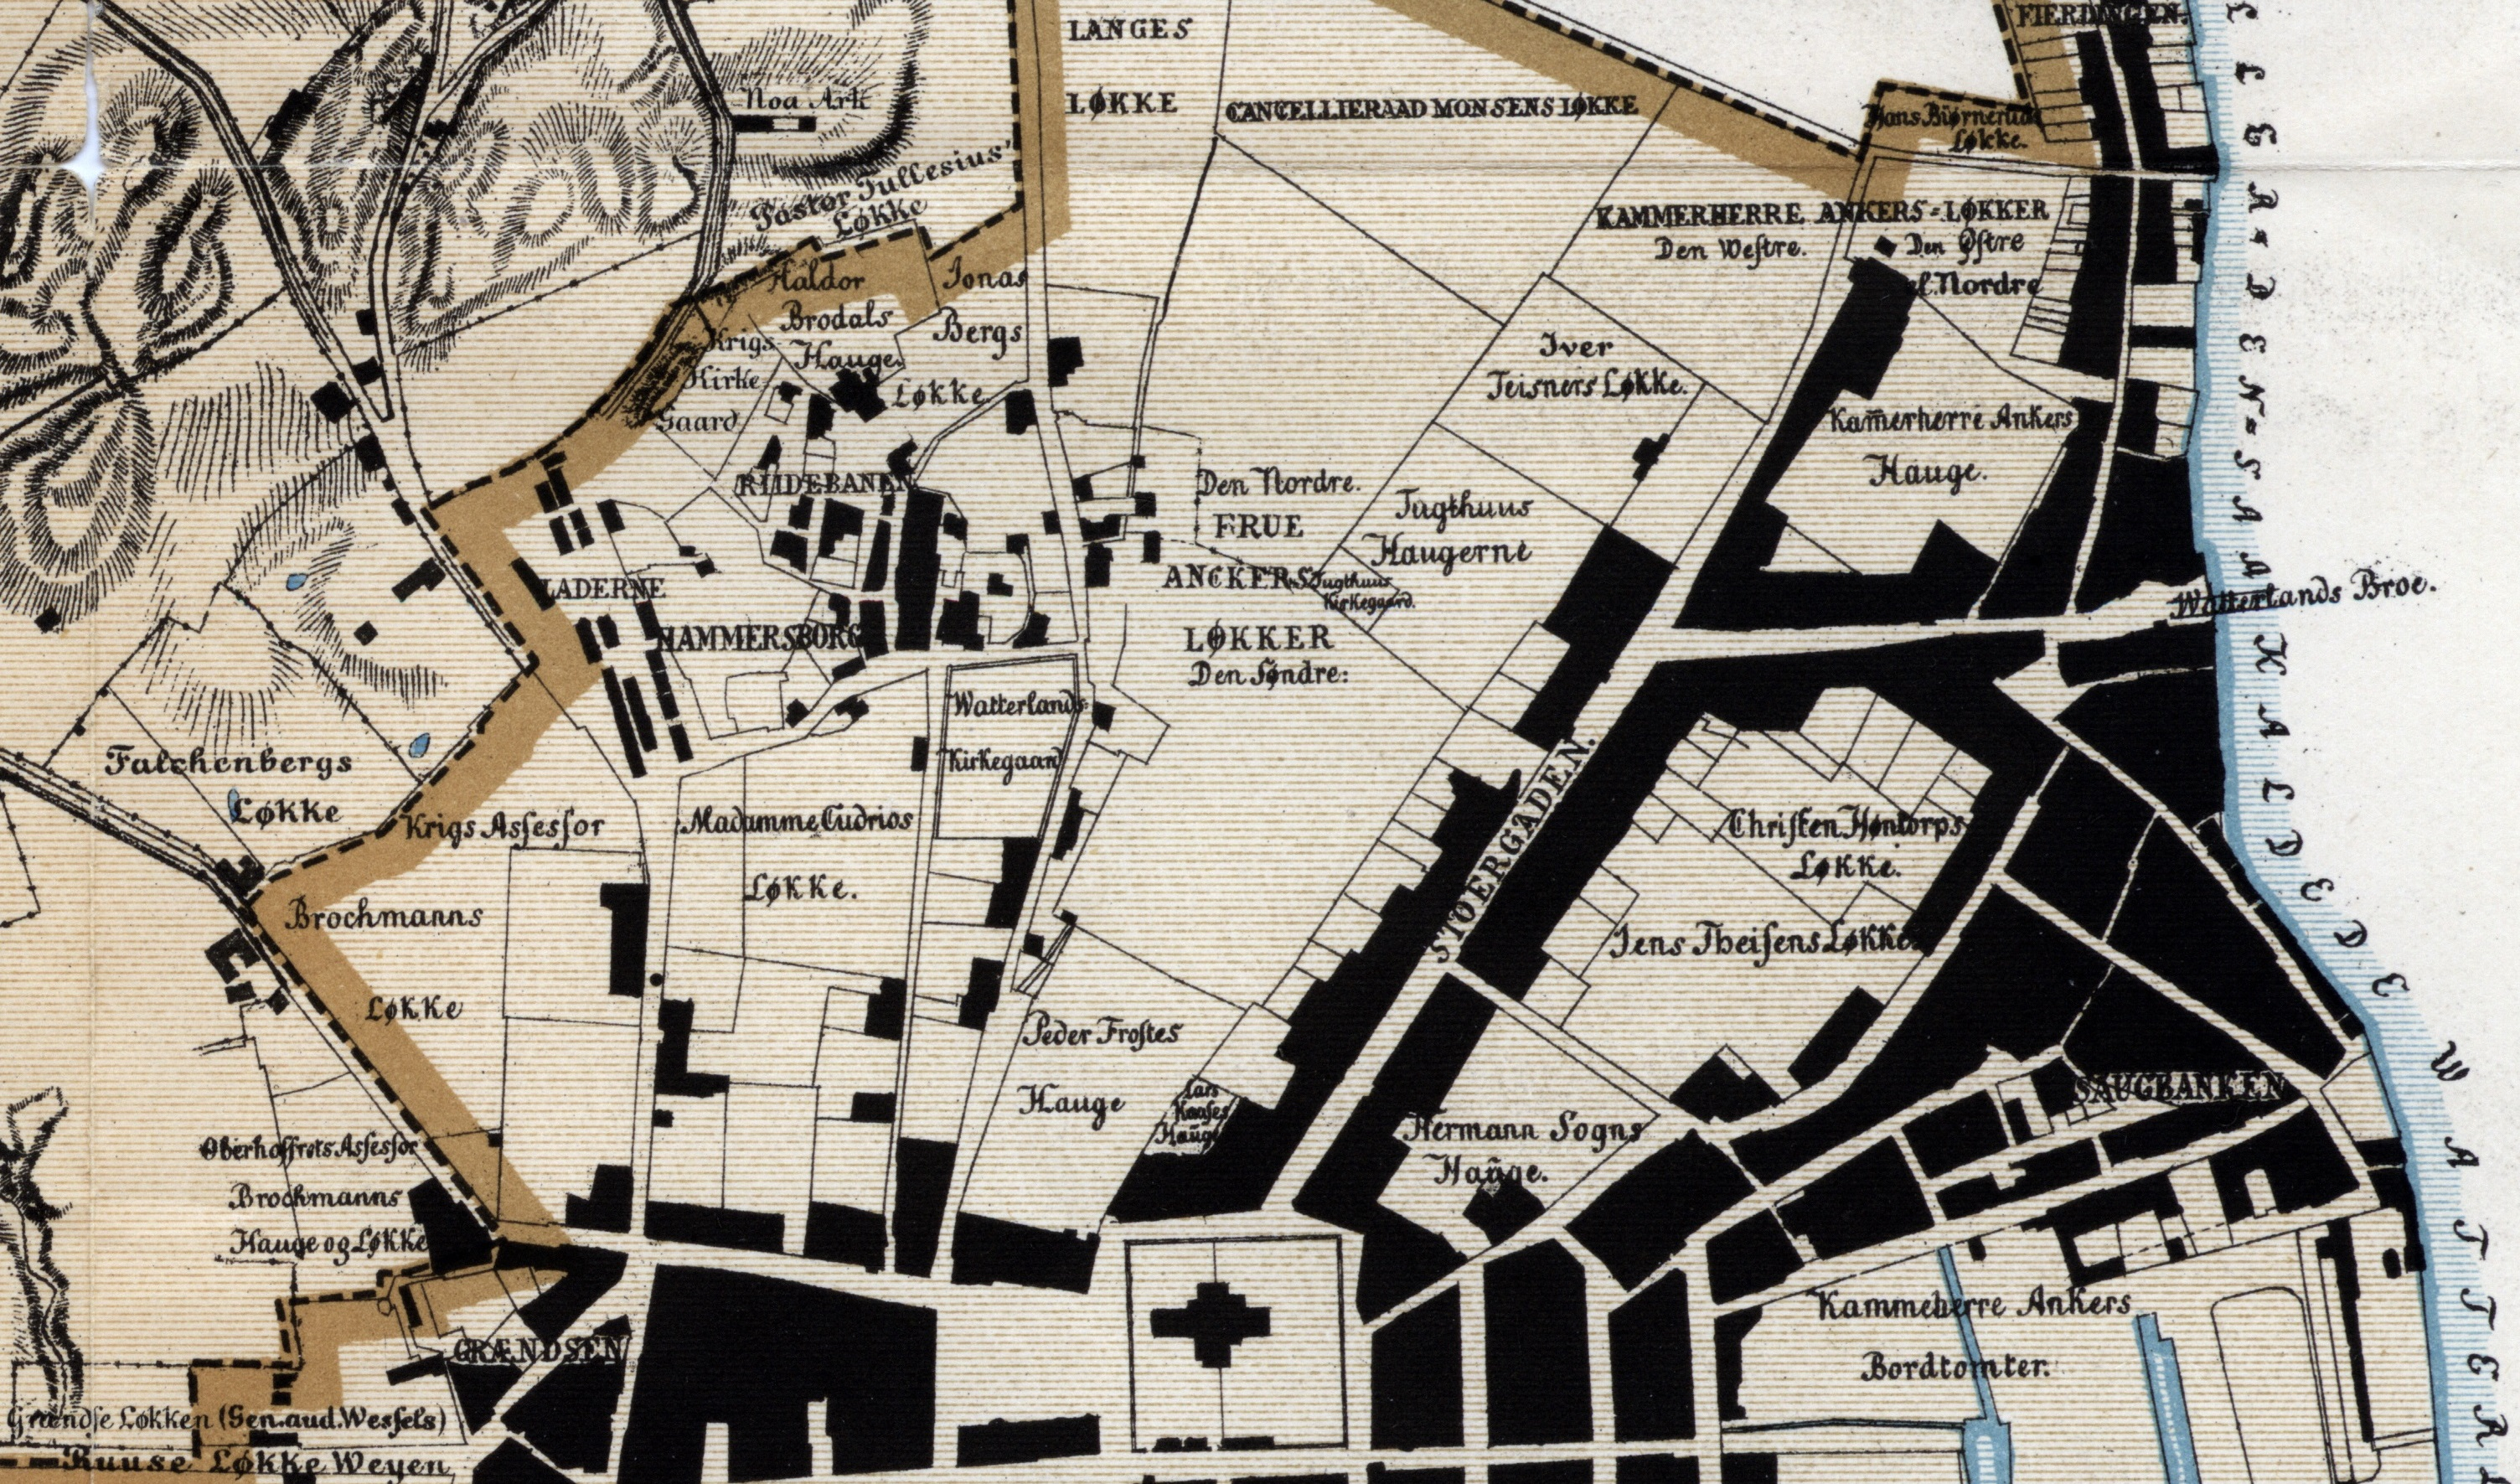 Utsnitt kart Patroclus Hirsch (Christiania By og dens Marker, 1794 og 1795. Oslo byarkiv).